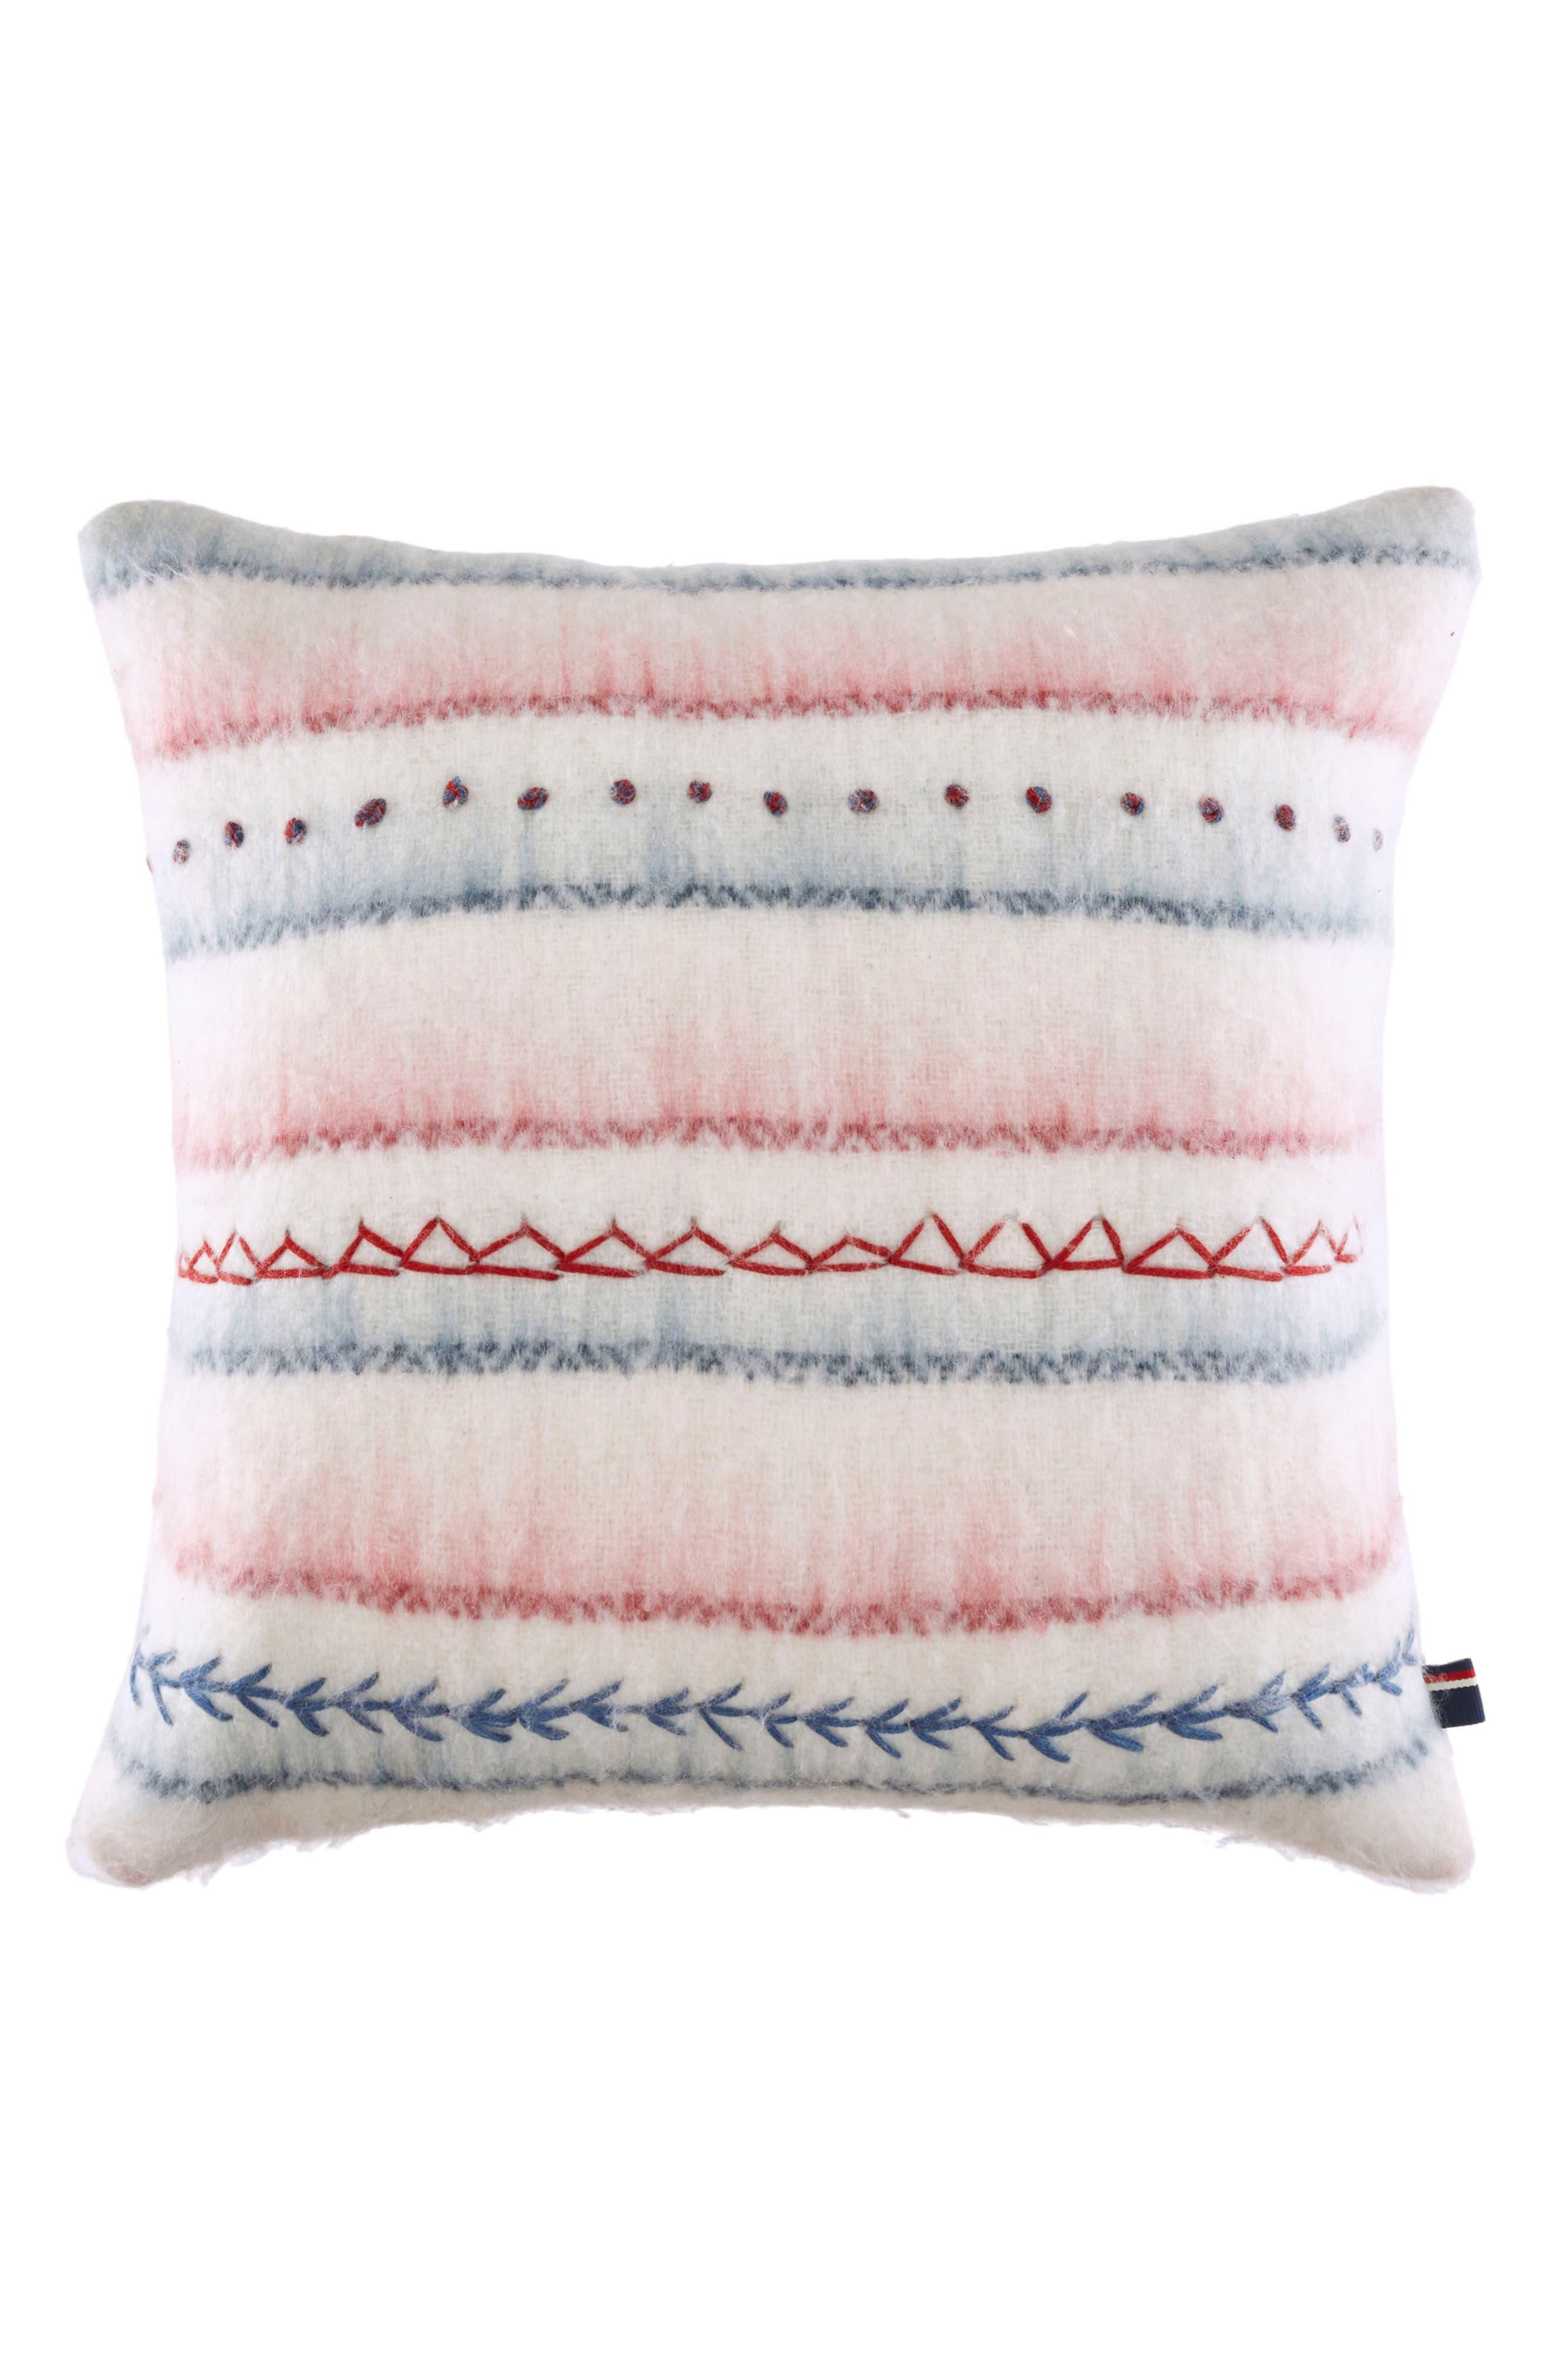 American Dream Accent Pillow,                         Main,                         color, Cream Multi